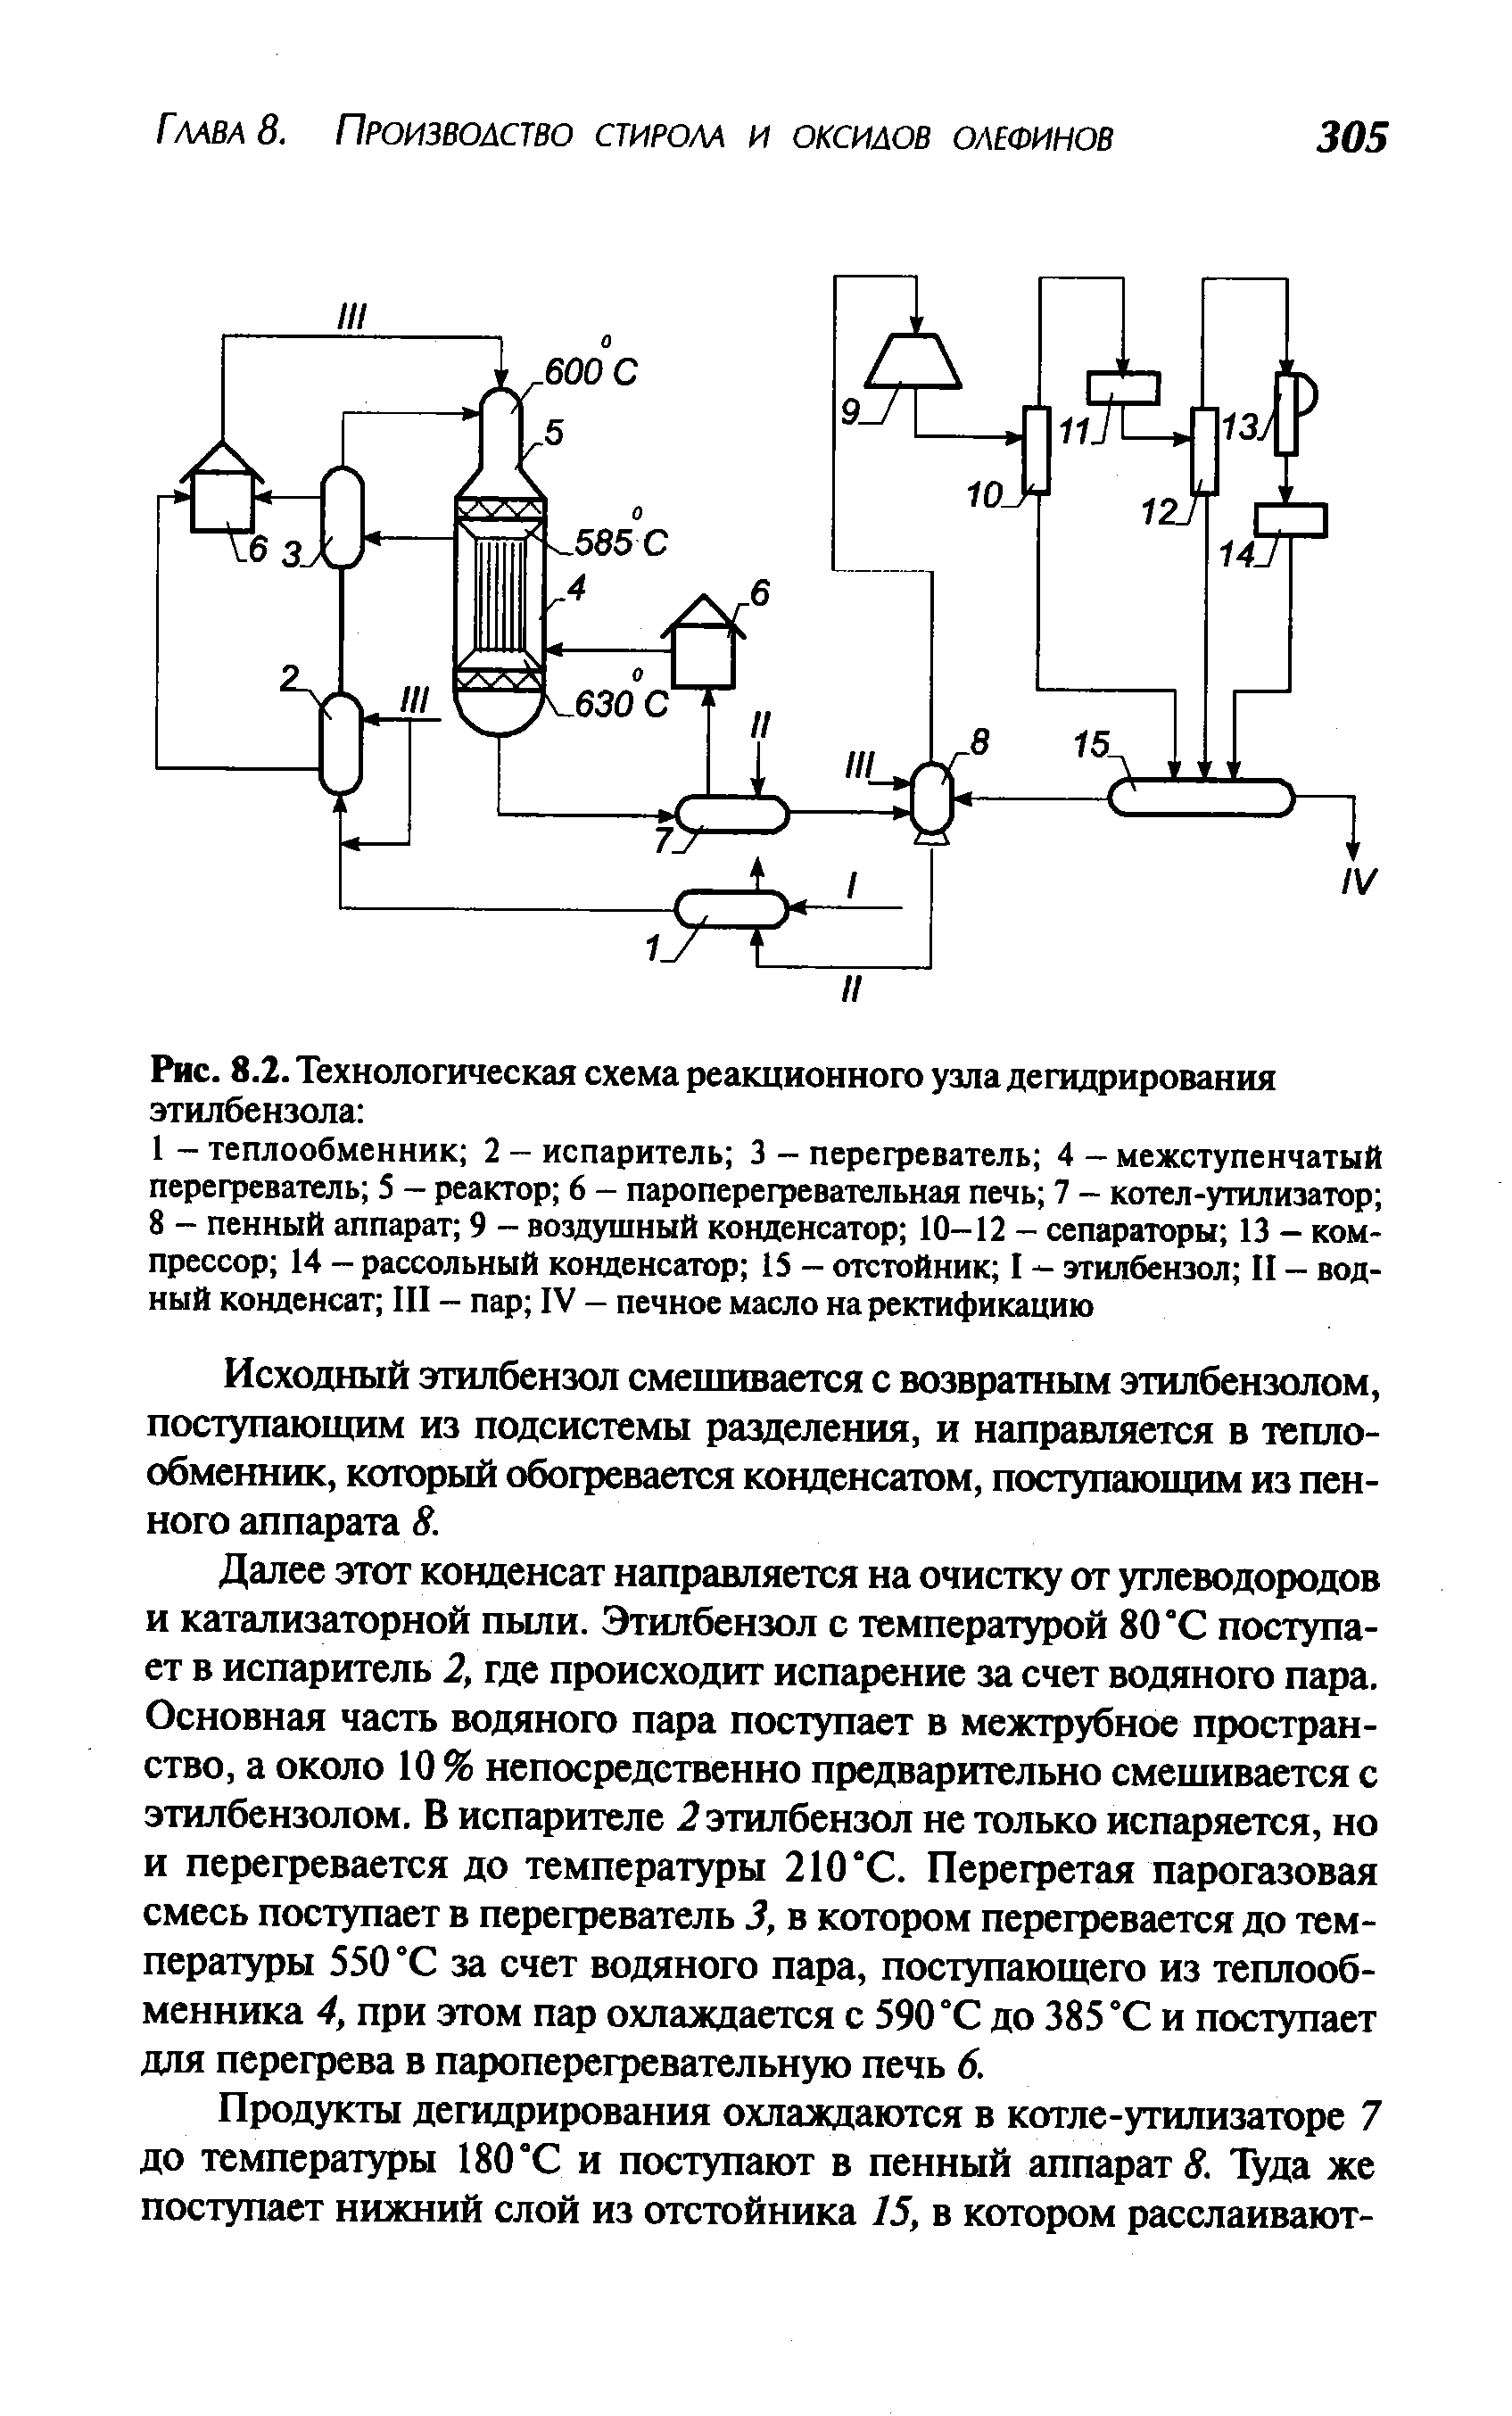 Технологическая схема дегидрирования этилбензола